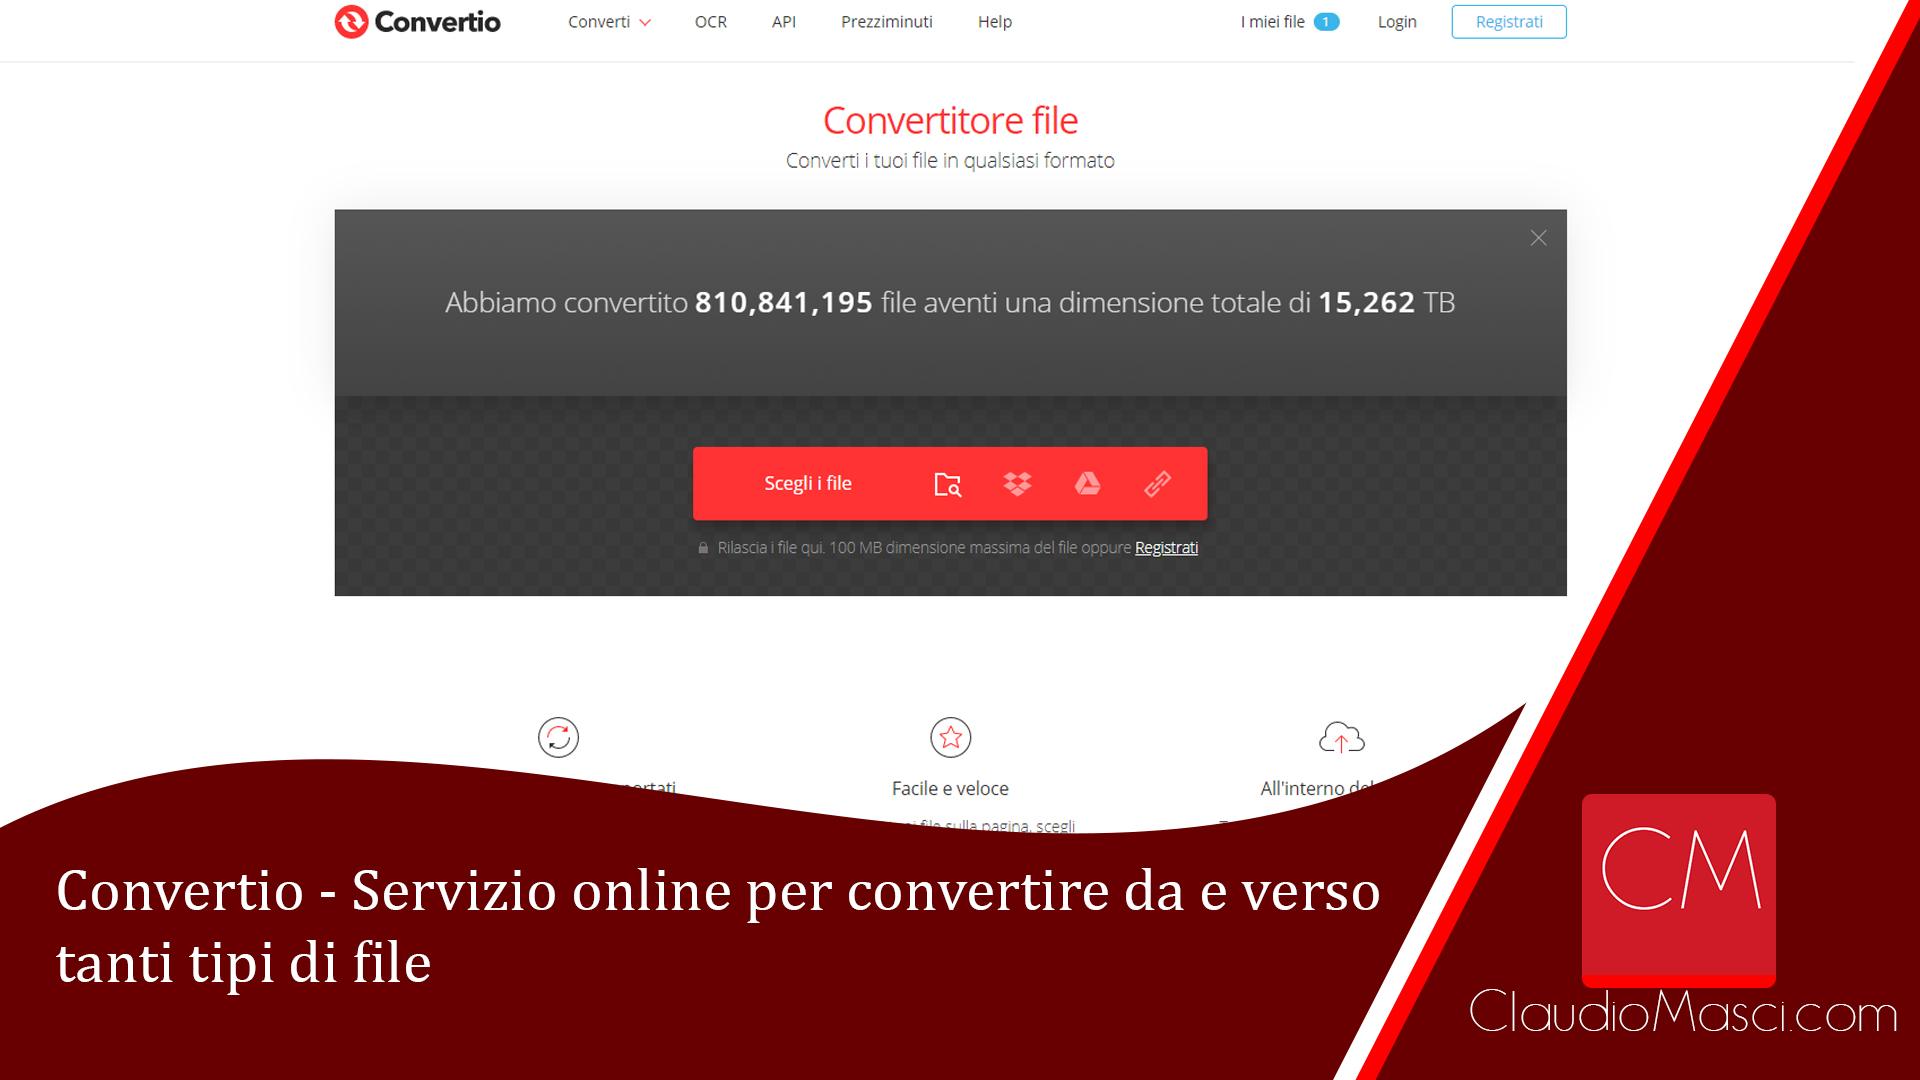 Convertio – Servizio online per convertire da e verso tanti tipi di file